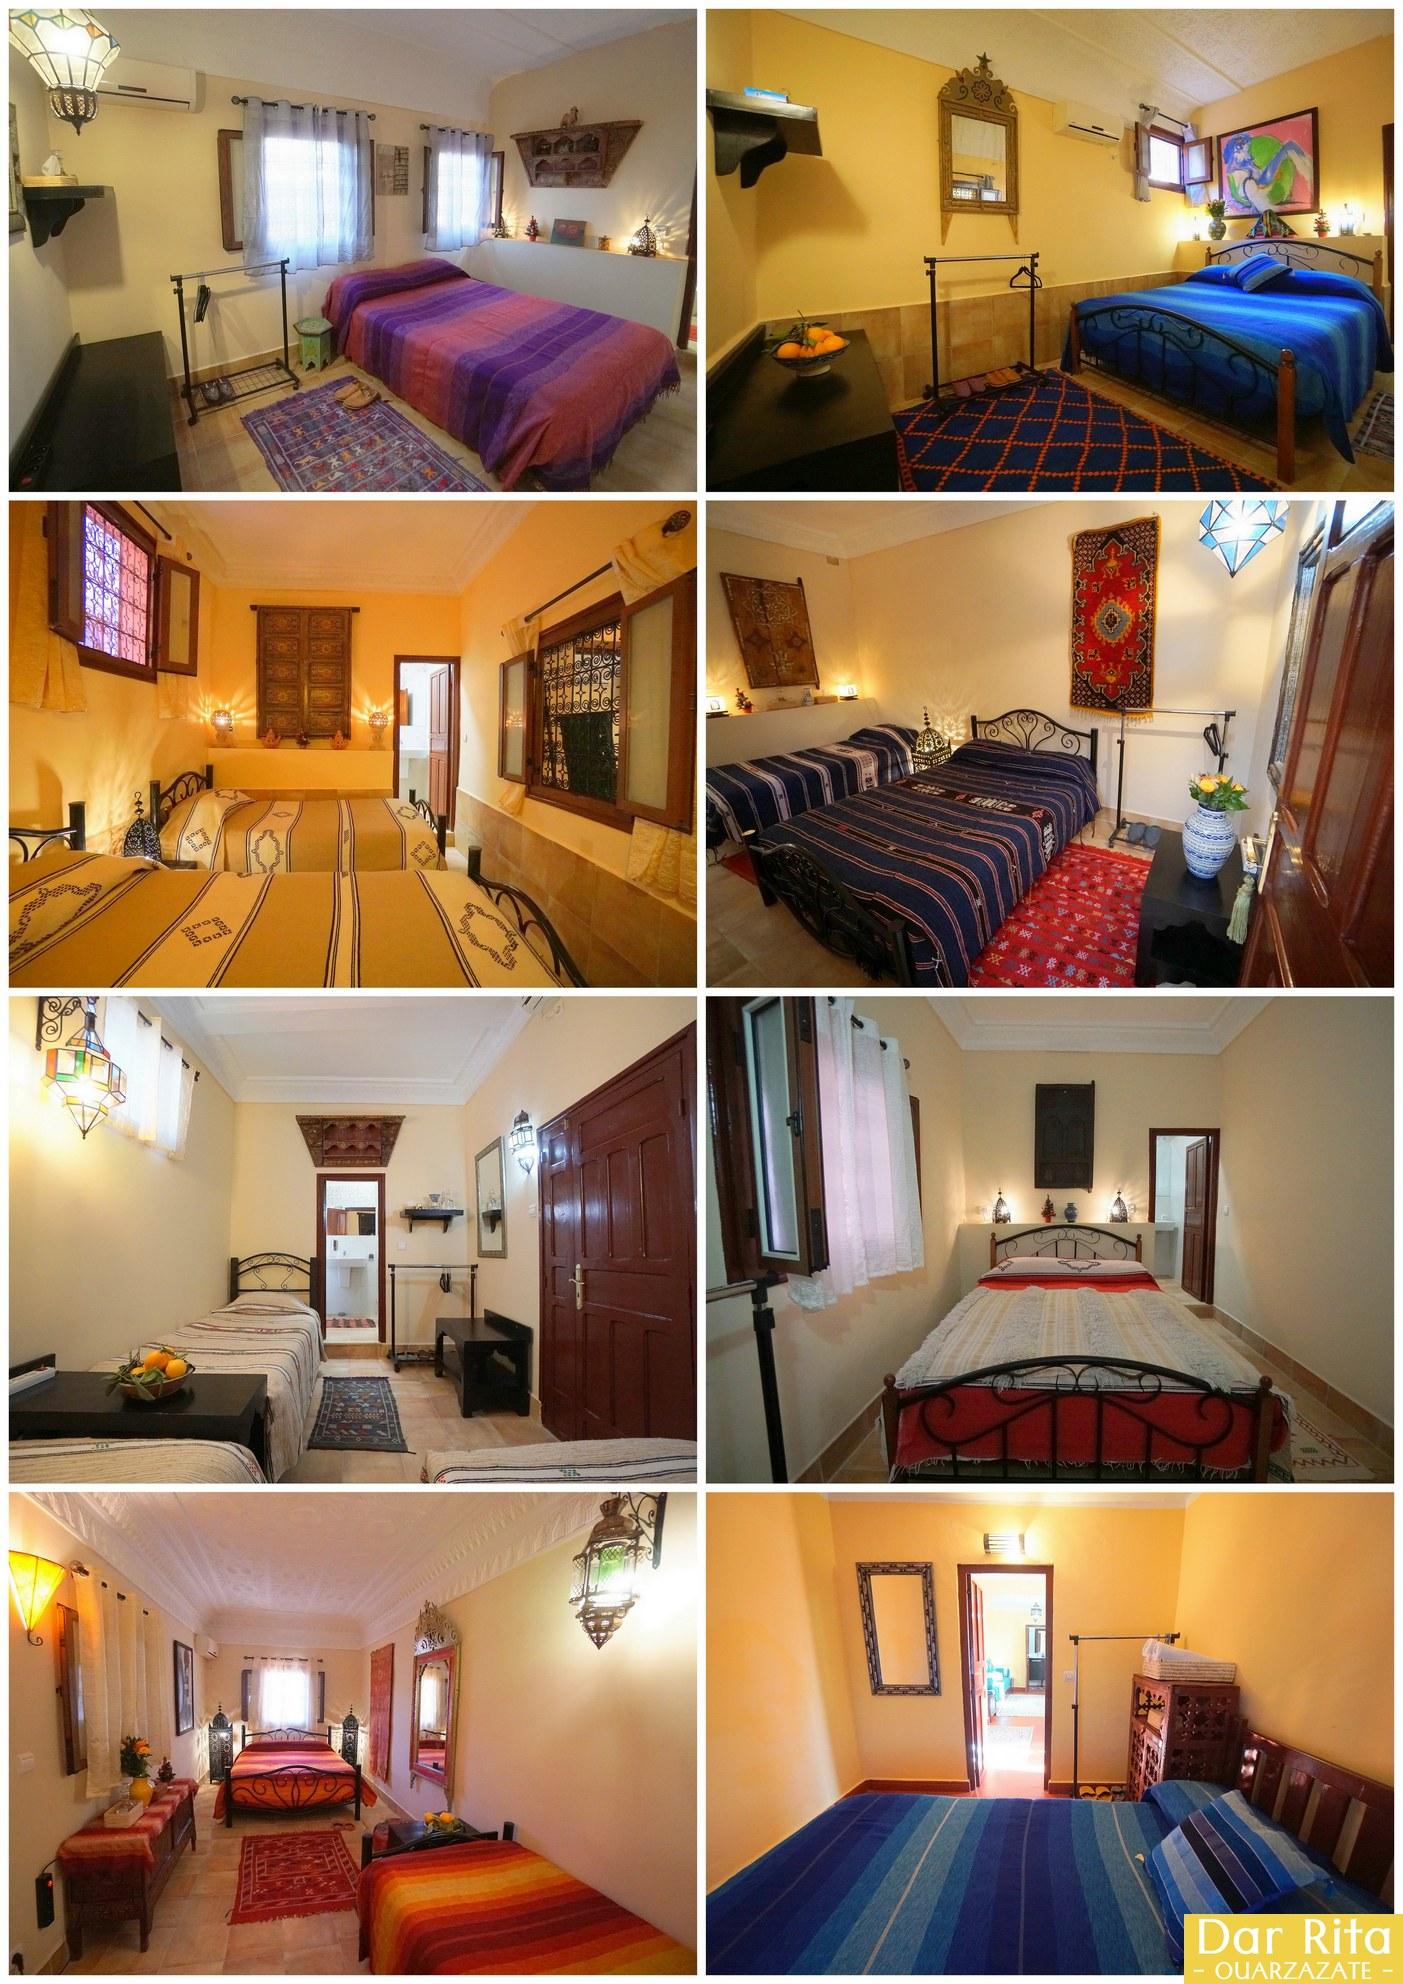 O meu hotel em Marrocos: Riad Dar Rita em Ouarzazate 5